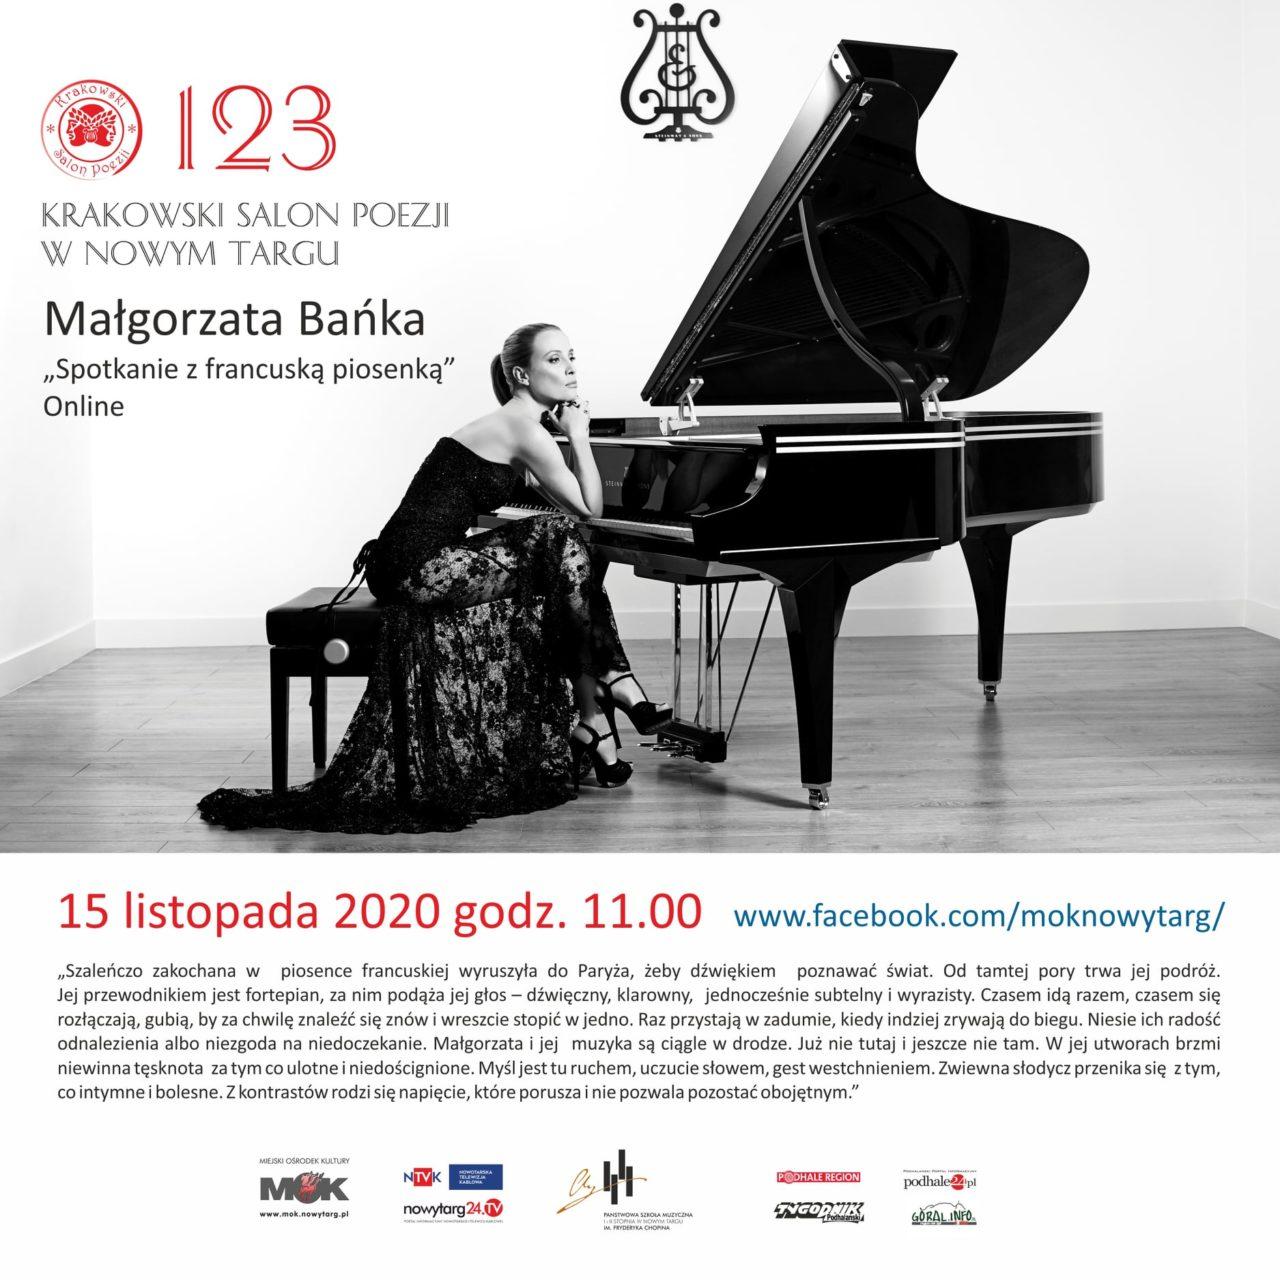 123. Krakowski Salon Poezji w Nowym Targu